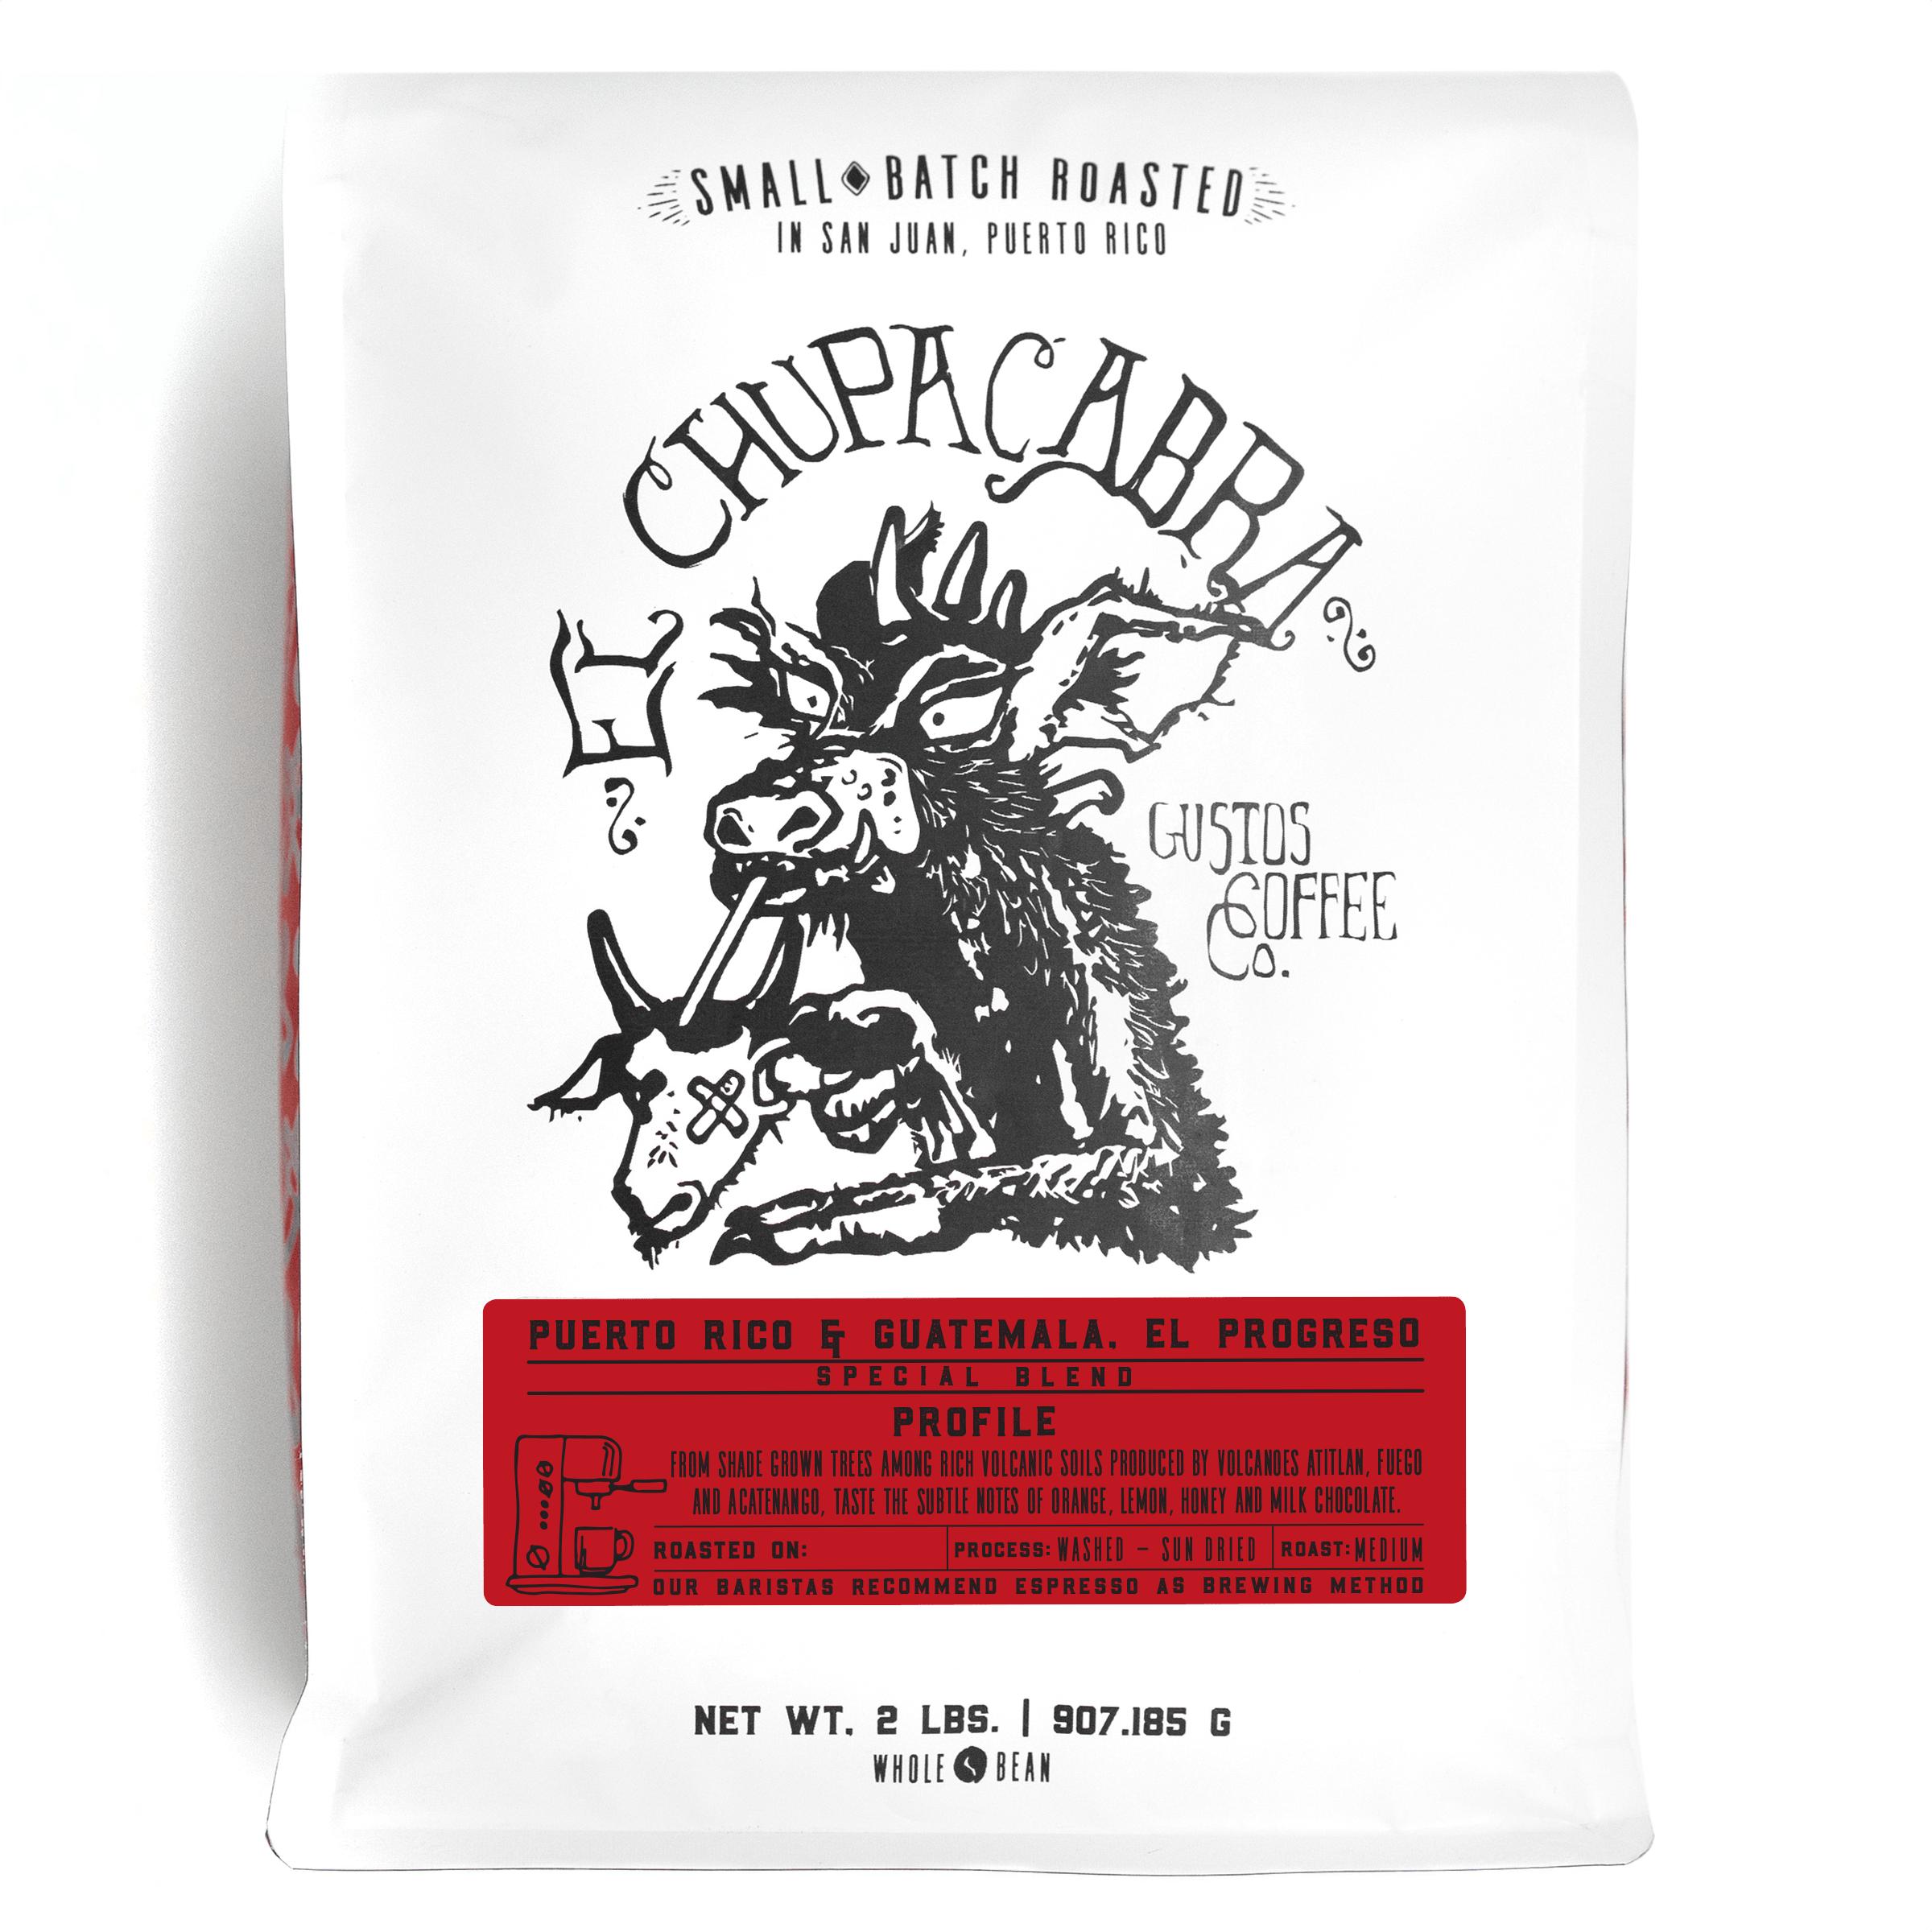 El Chupacabra Yauco Puerto Rico x Guatemala Gustos Coffee Co